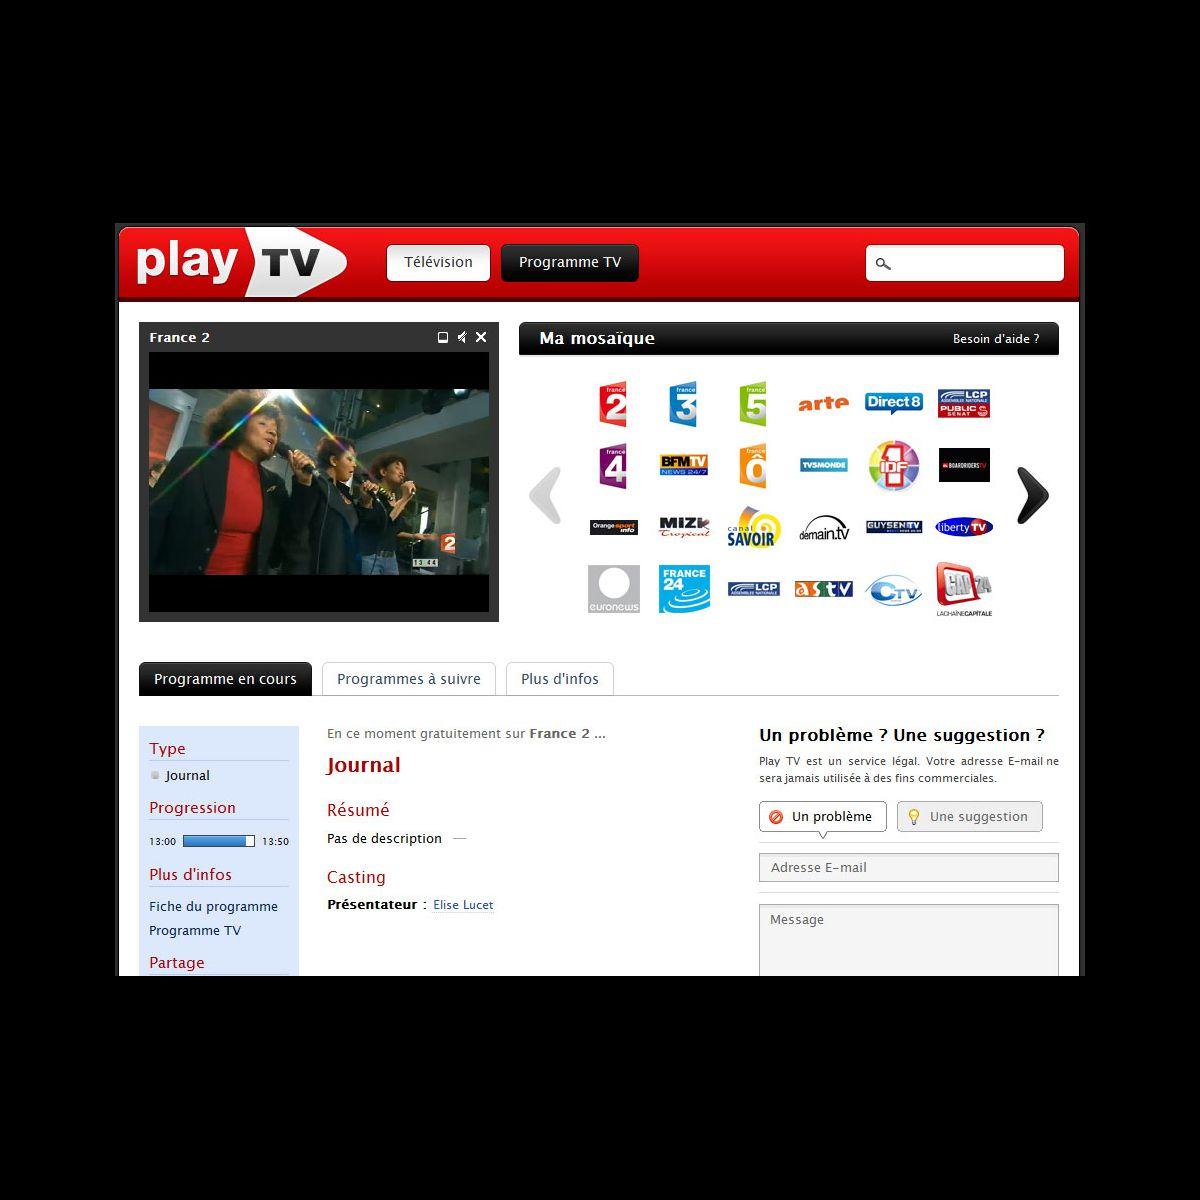 chaine de t l vision en direct sur play tv photo puremedias. Black Bedroom Furniture Sets. Home Design Ideas